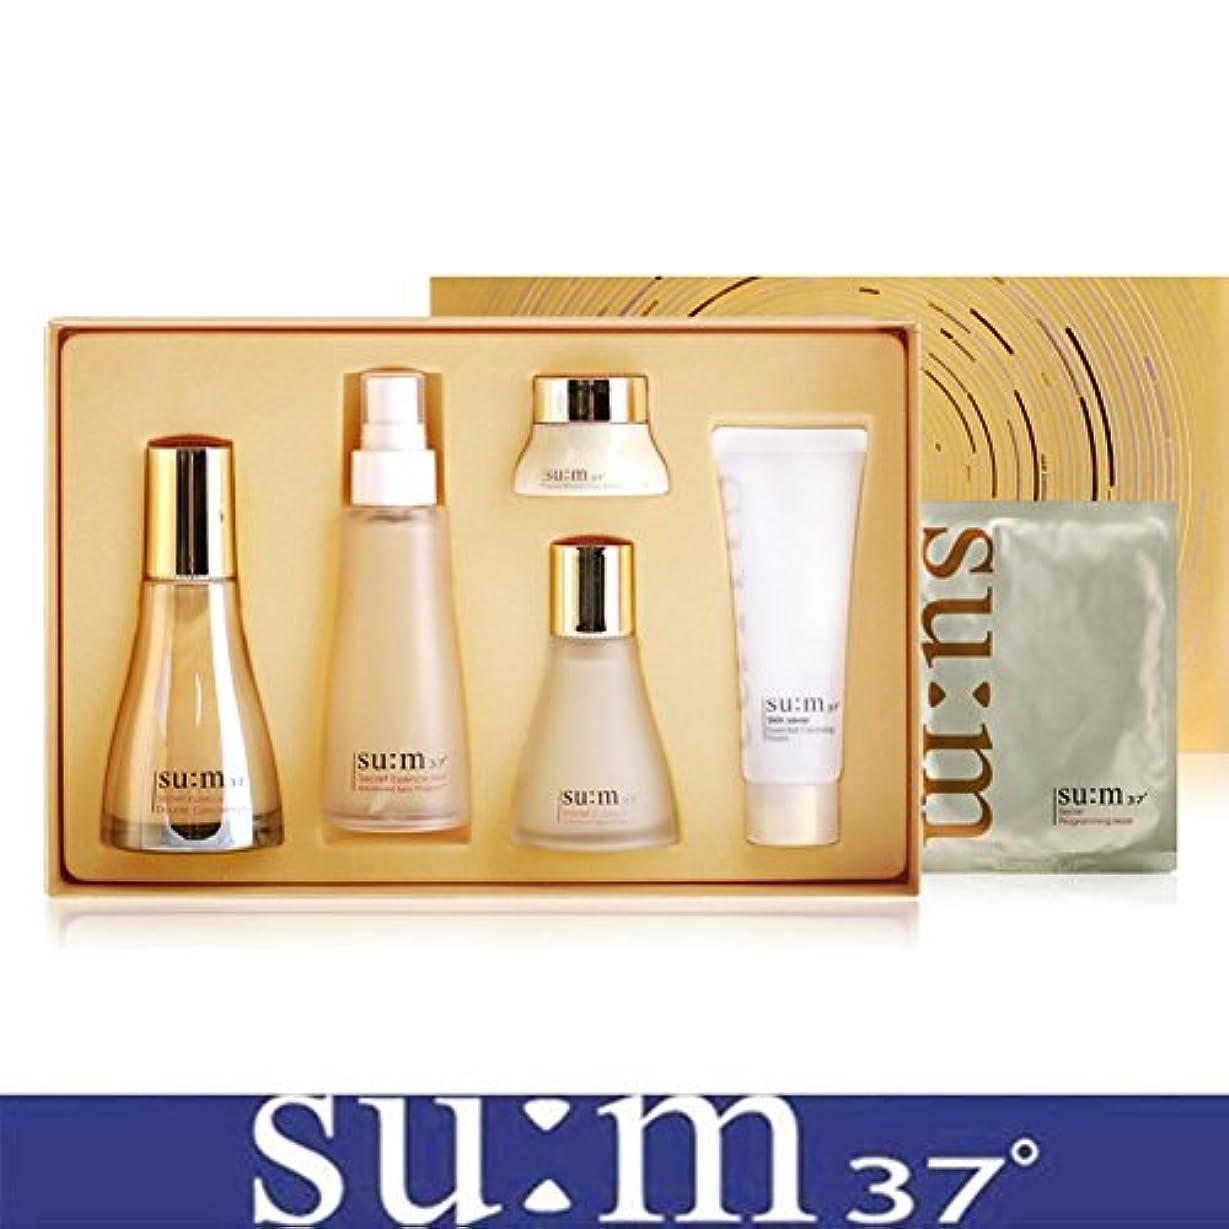 父方の劇的征服[su:m37/スム37°] SUM37 Secret Essence SPECIAL 100ml Limited Edition/シークレットエッセンススペシャルリミテッドエディション+[Sample Gift](海外直送品)